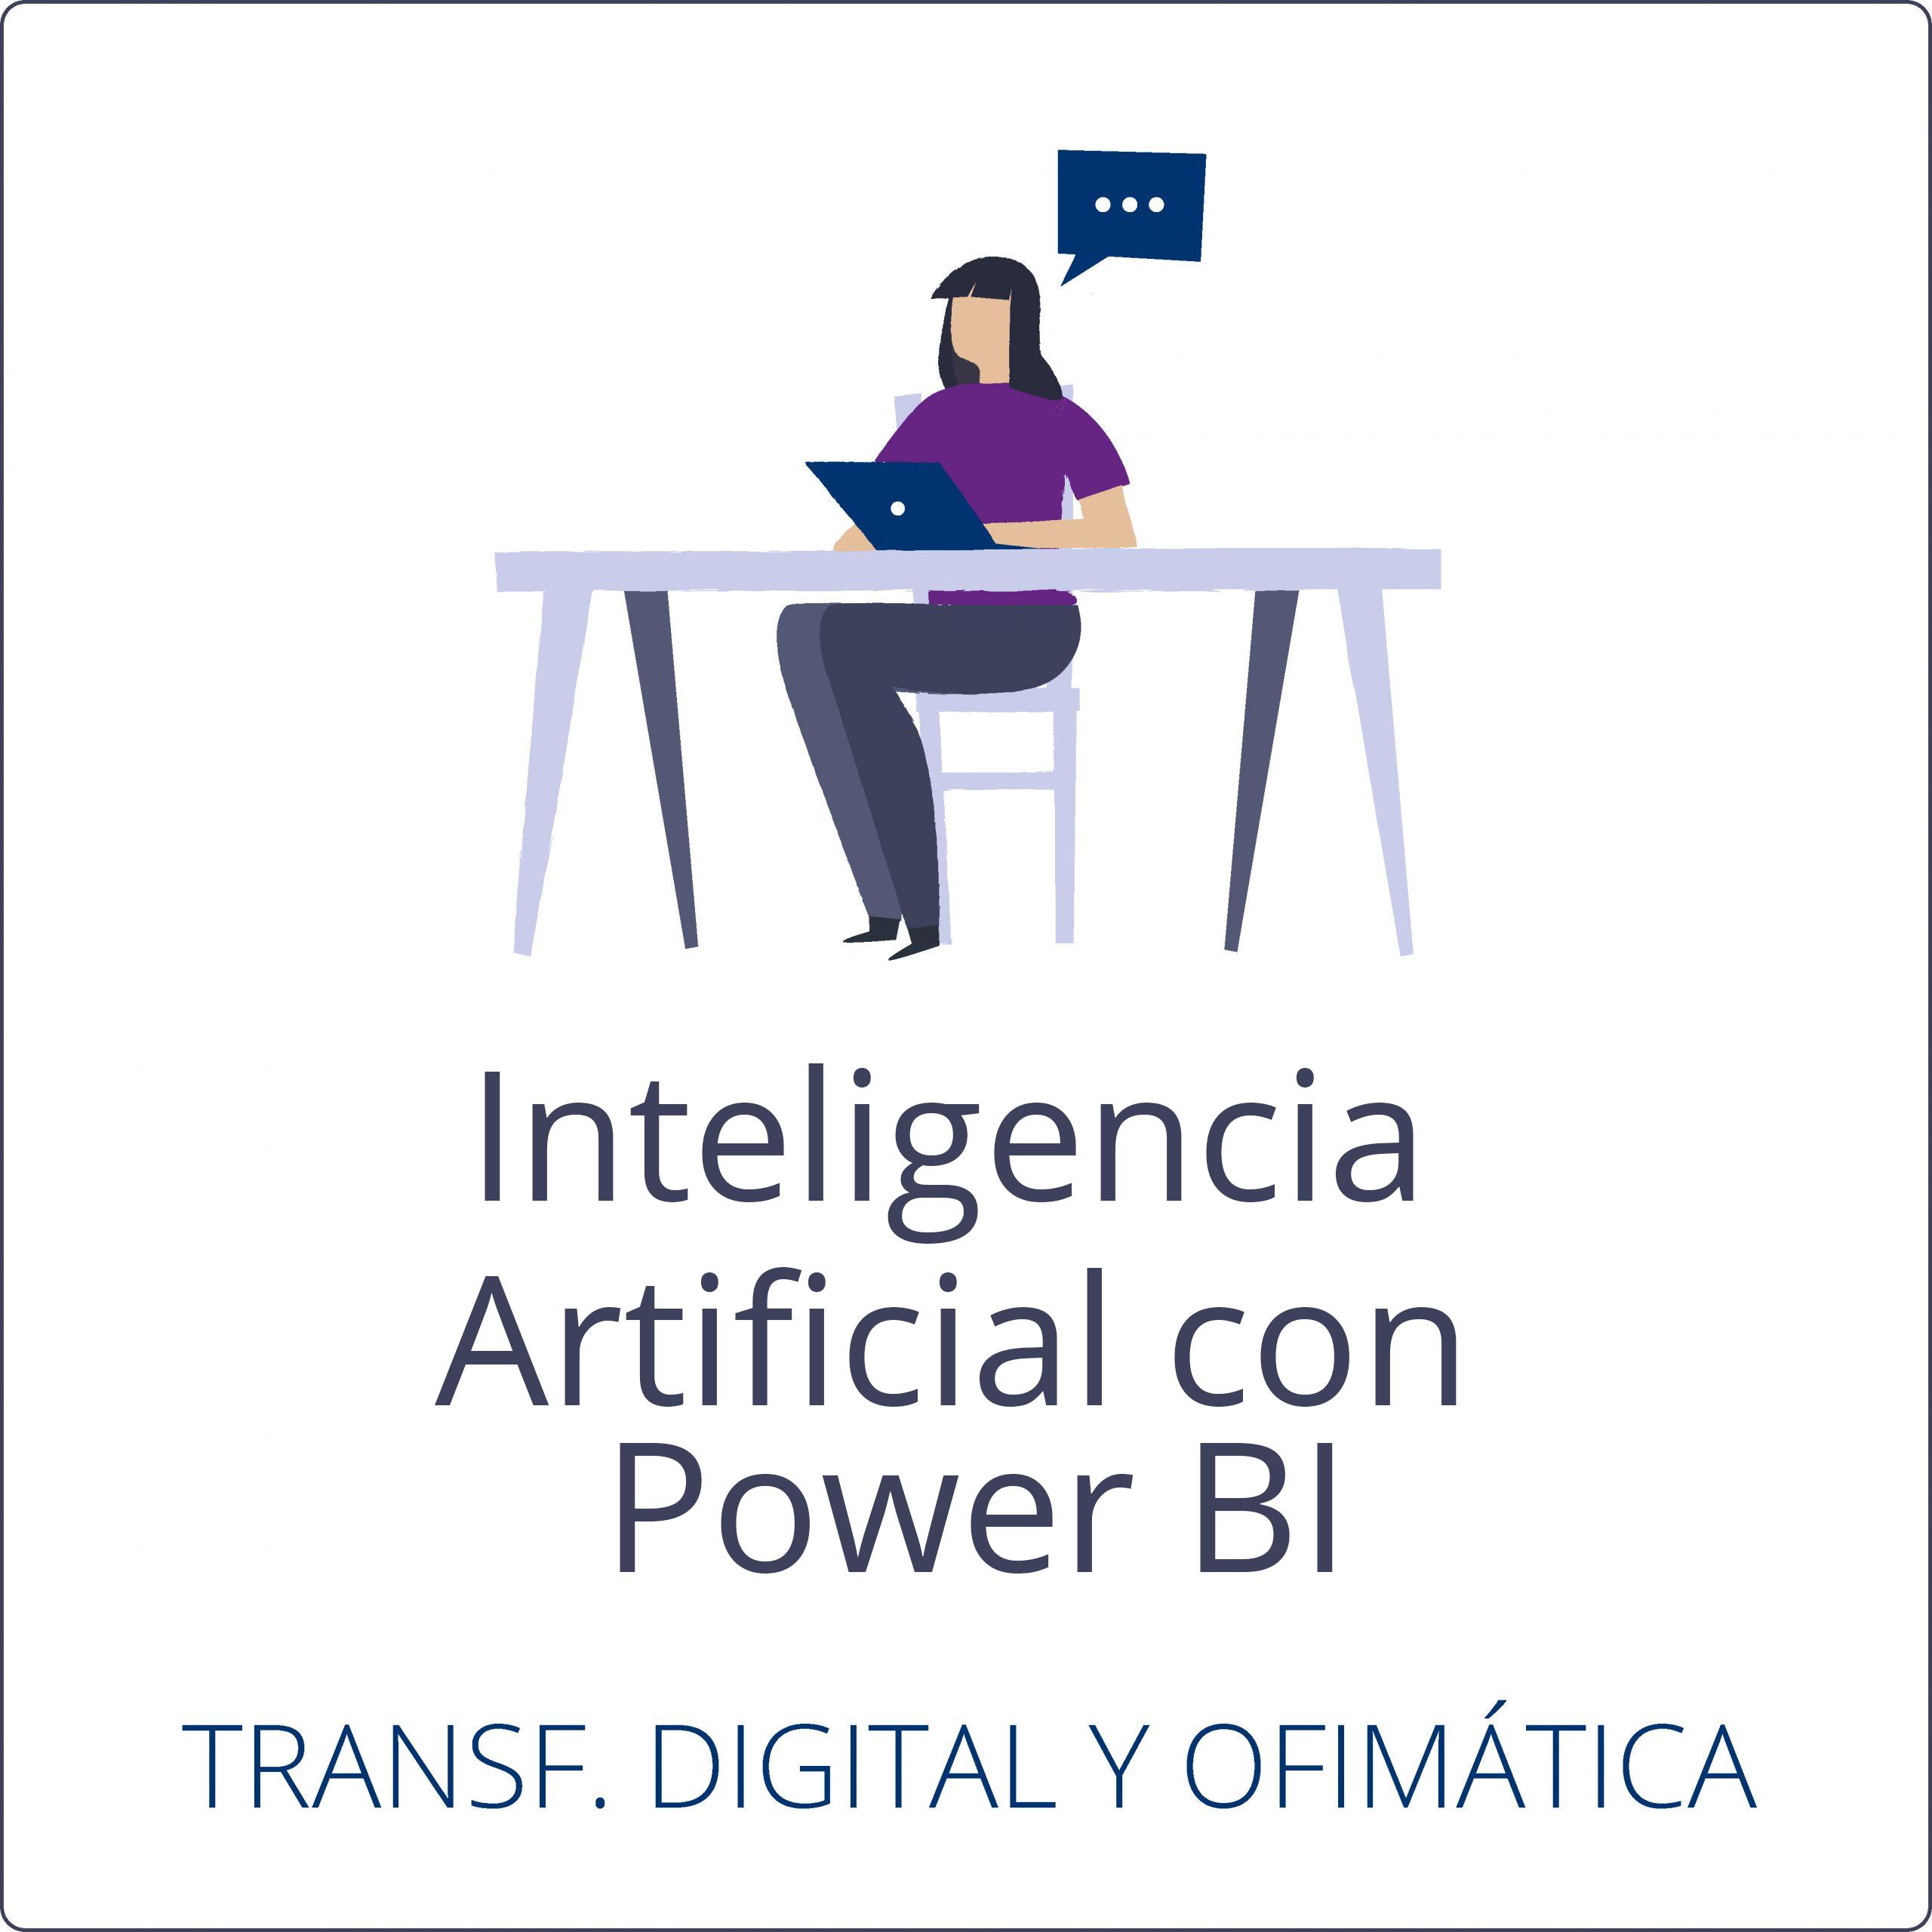 Inteligencia Artificial con Power BI